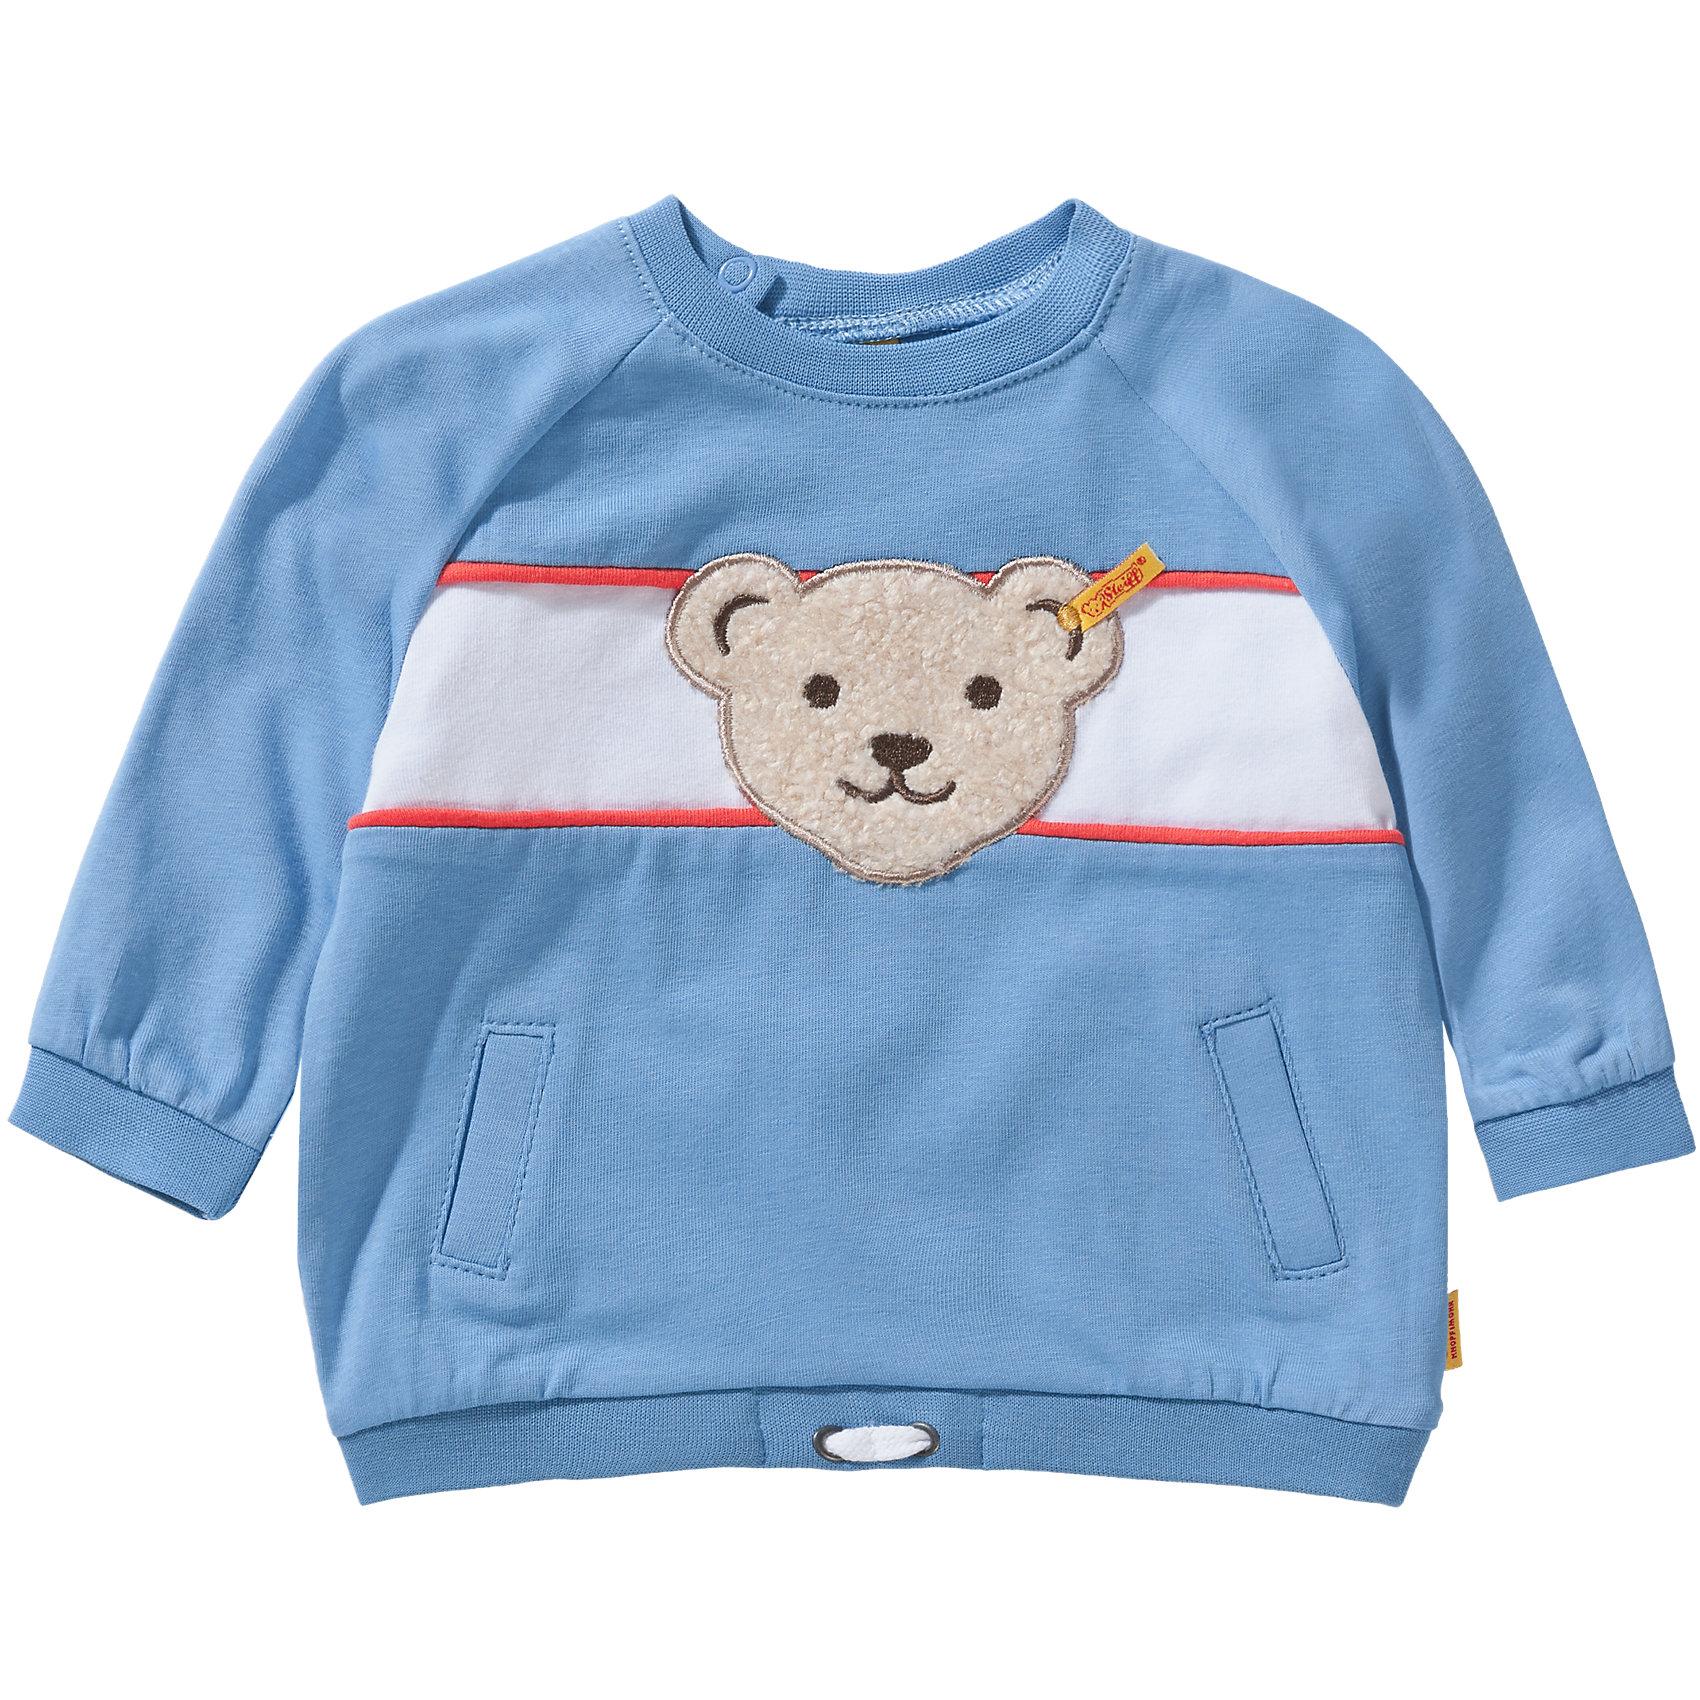 Neu Steiff Baby Sweatshirt für Jungen 7368662 für Jungen blau